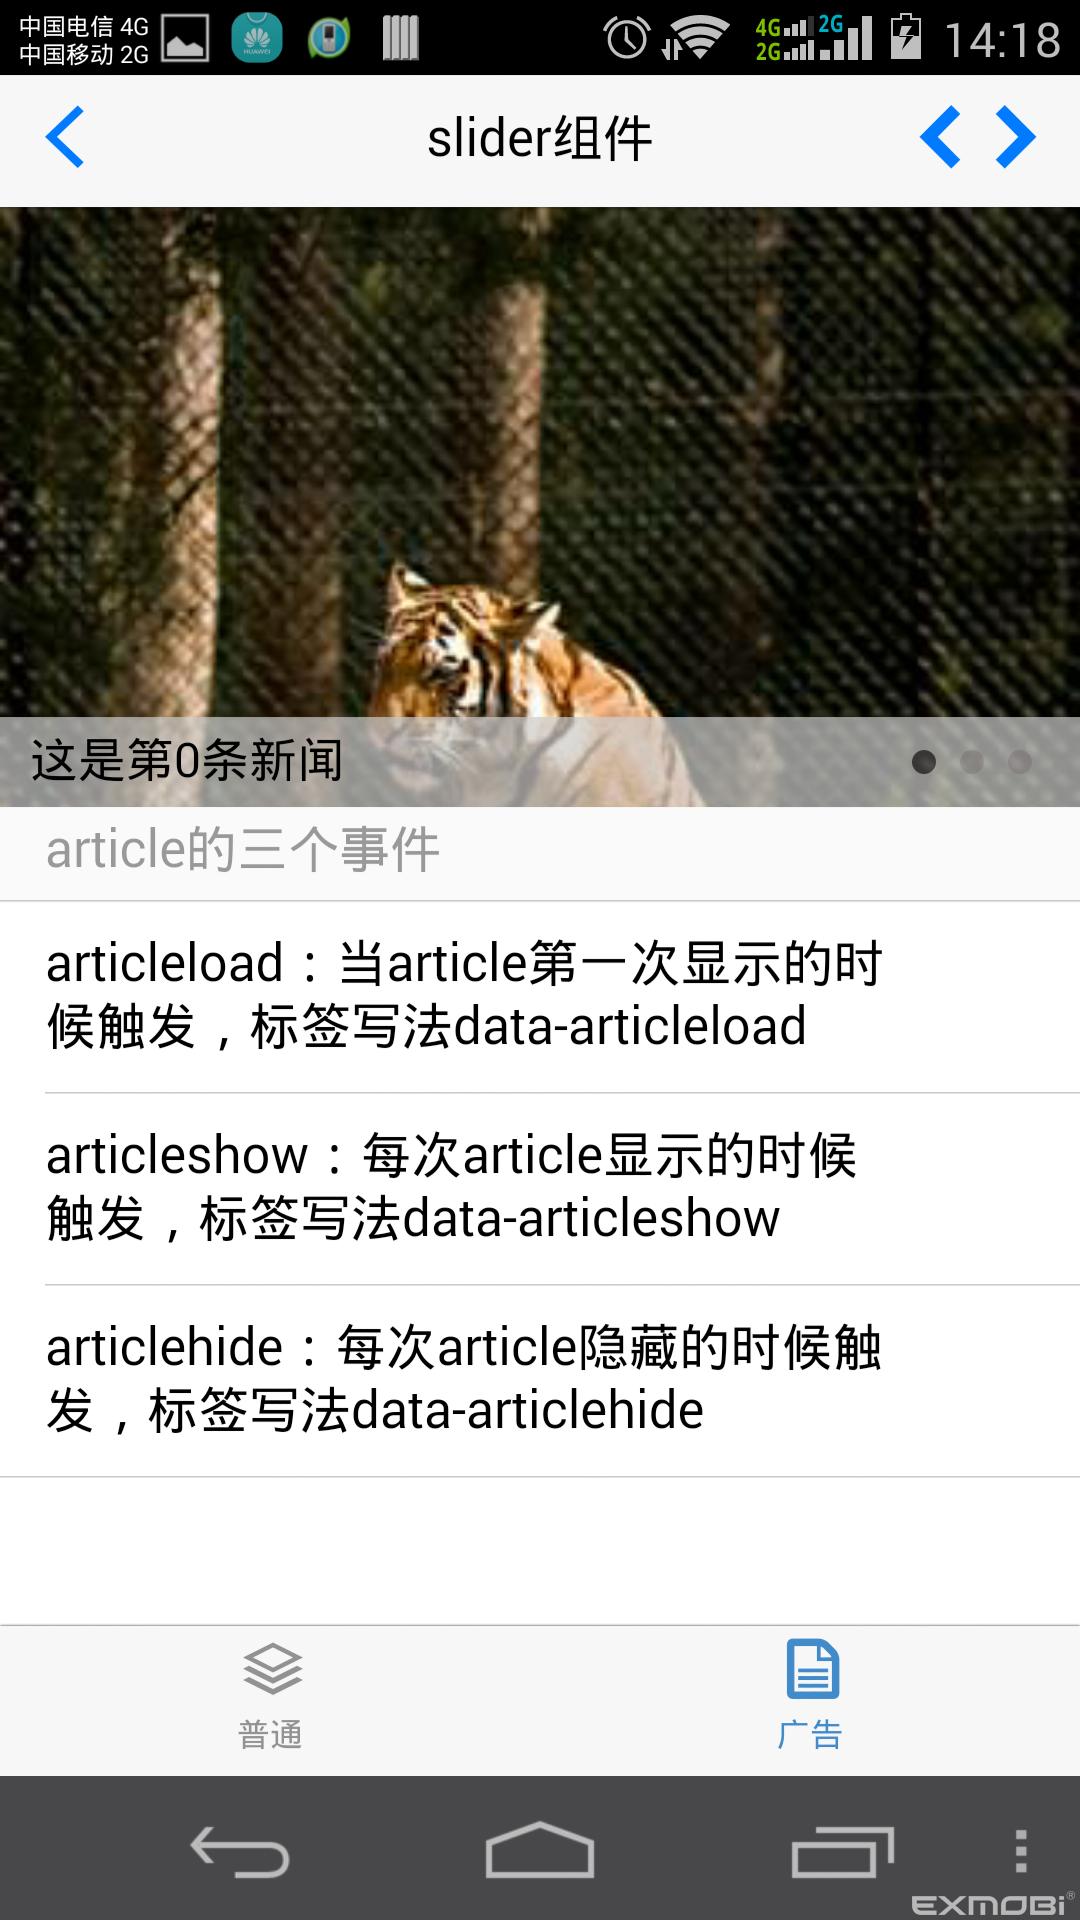 基于HTML5+CSS3+JS的移动应用开发框架:Agile